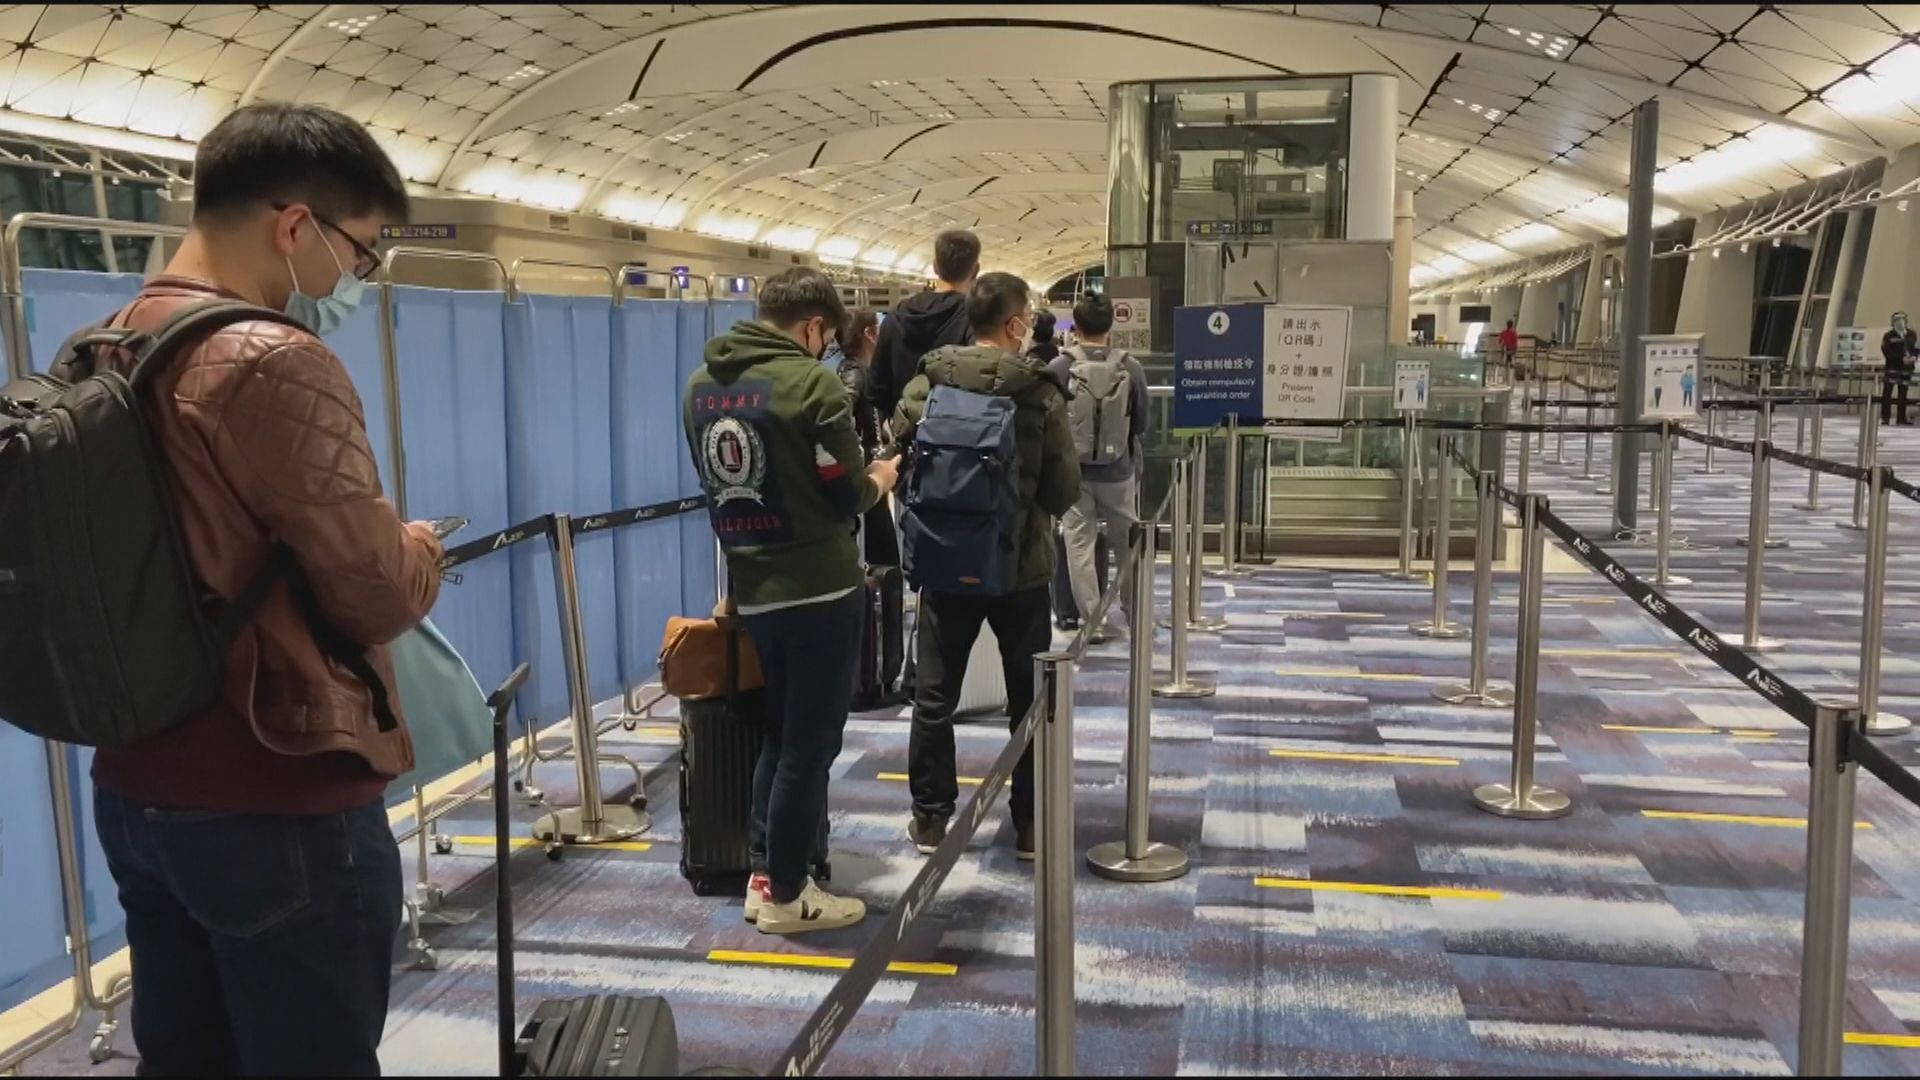 本港新增兩宗輸入確診 分別由南韓及菲律賓抵港